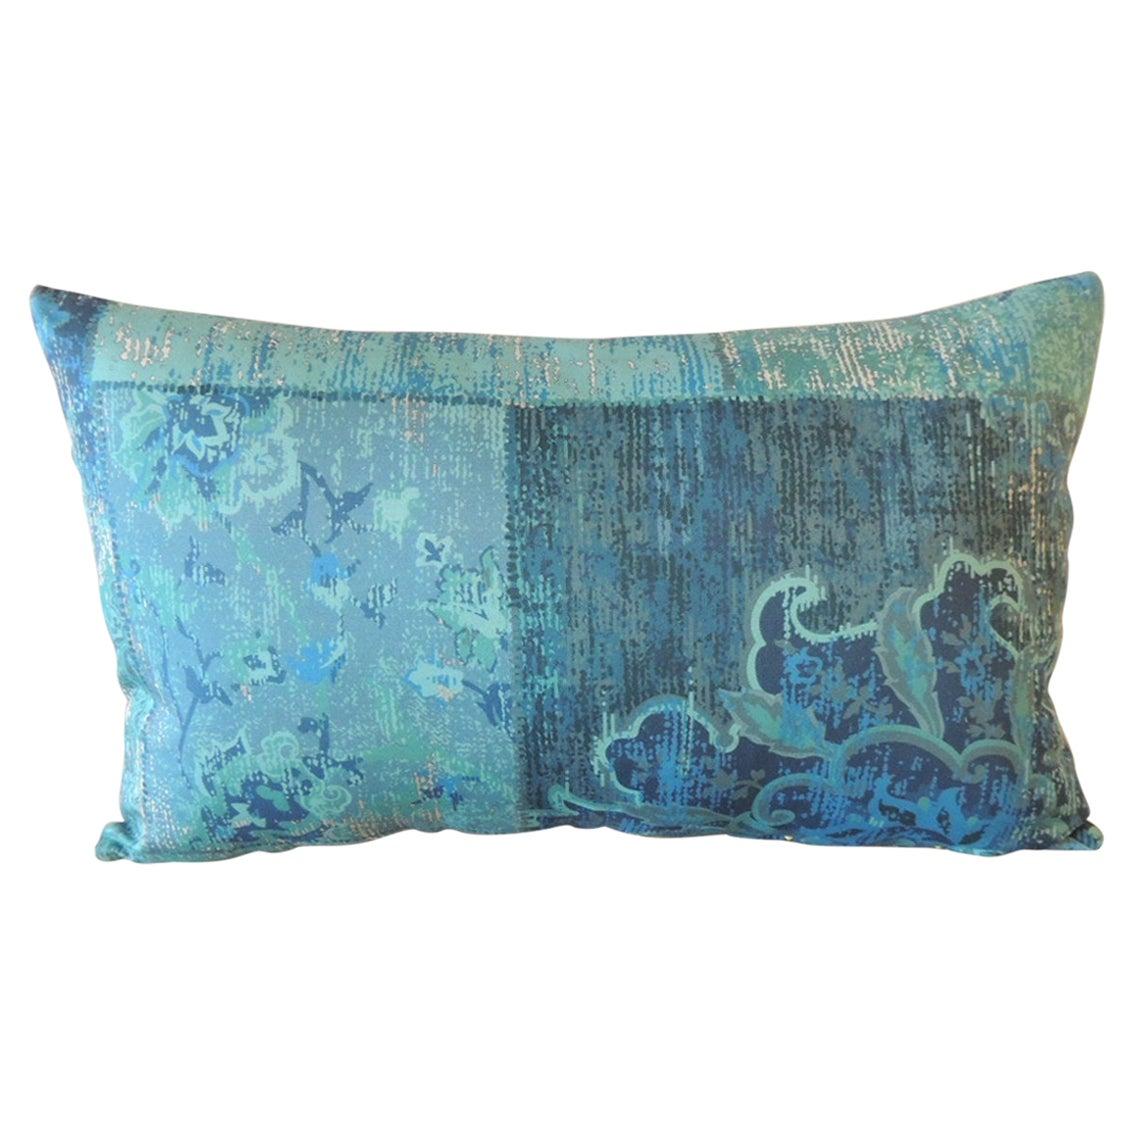 Aqua and Blue Satin Cotton Modern Lumbar Decorative Pillow